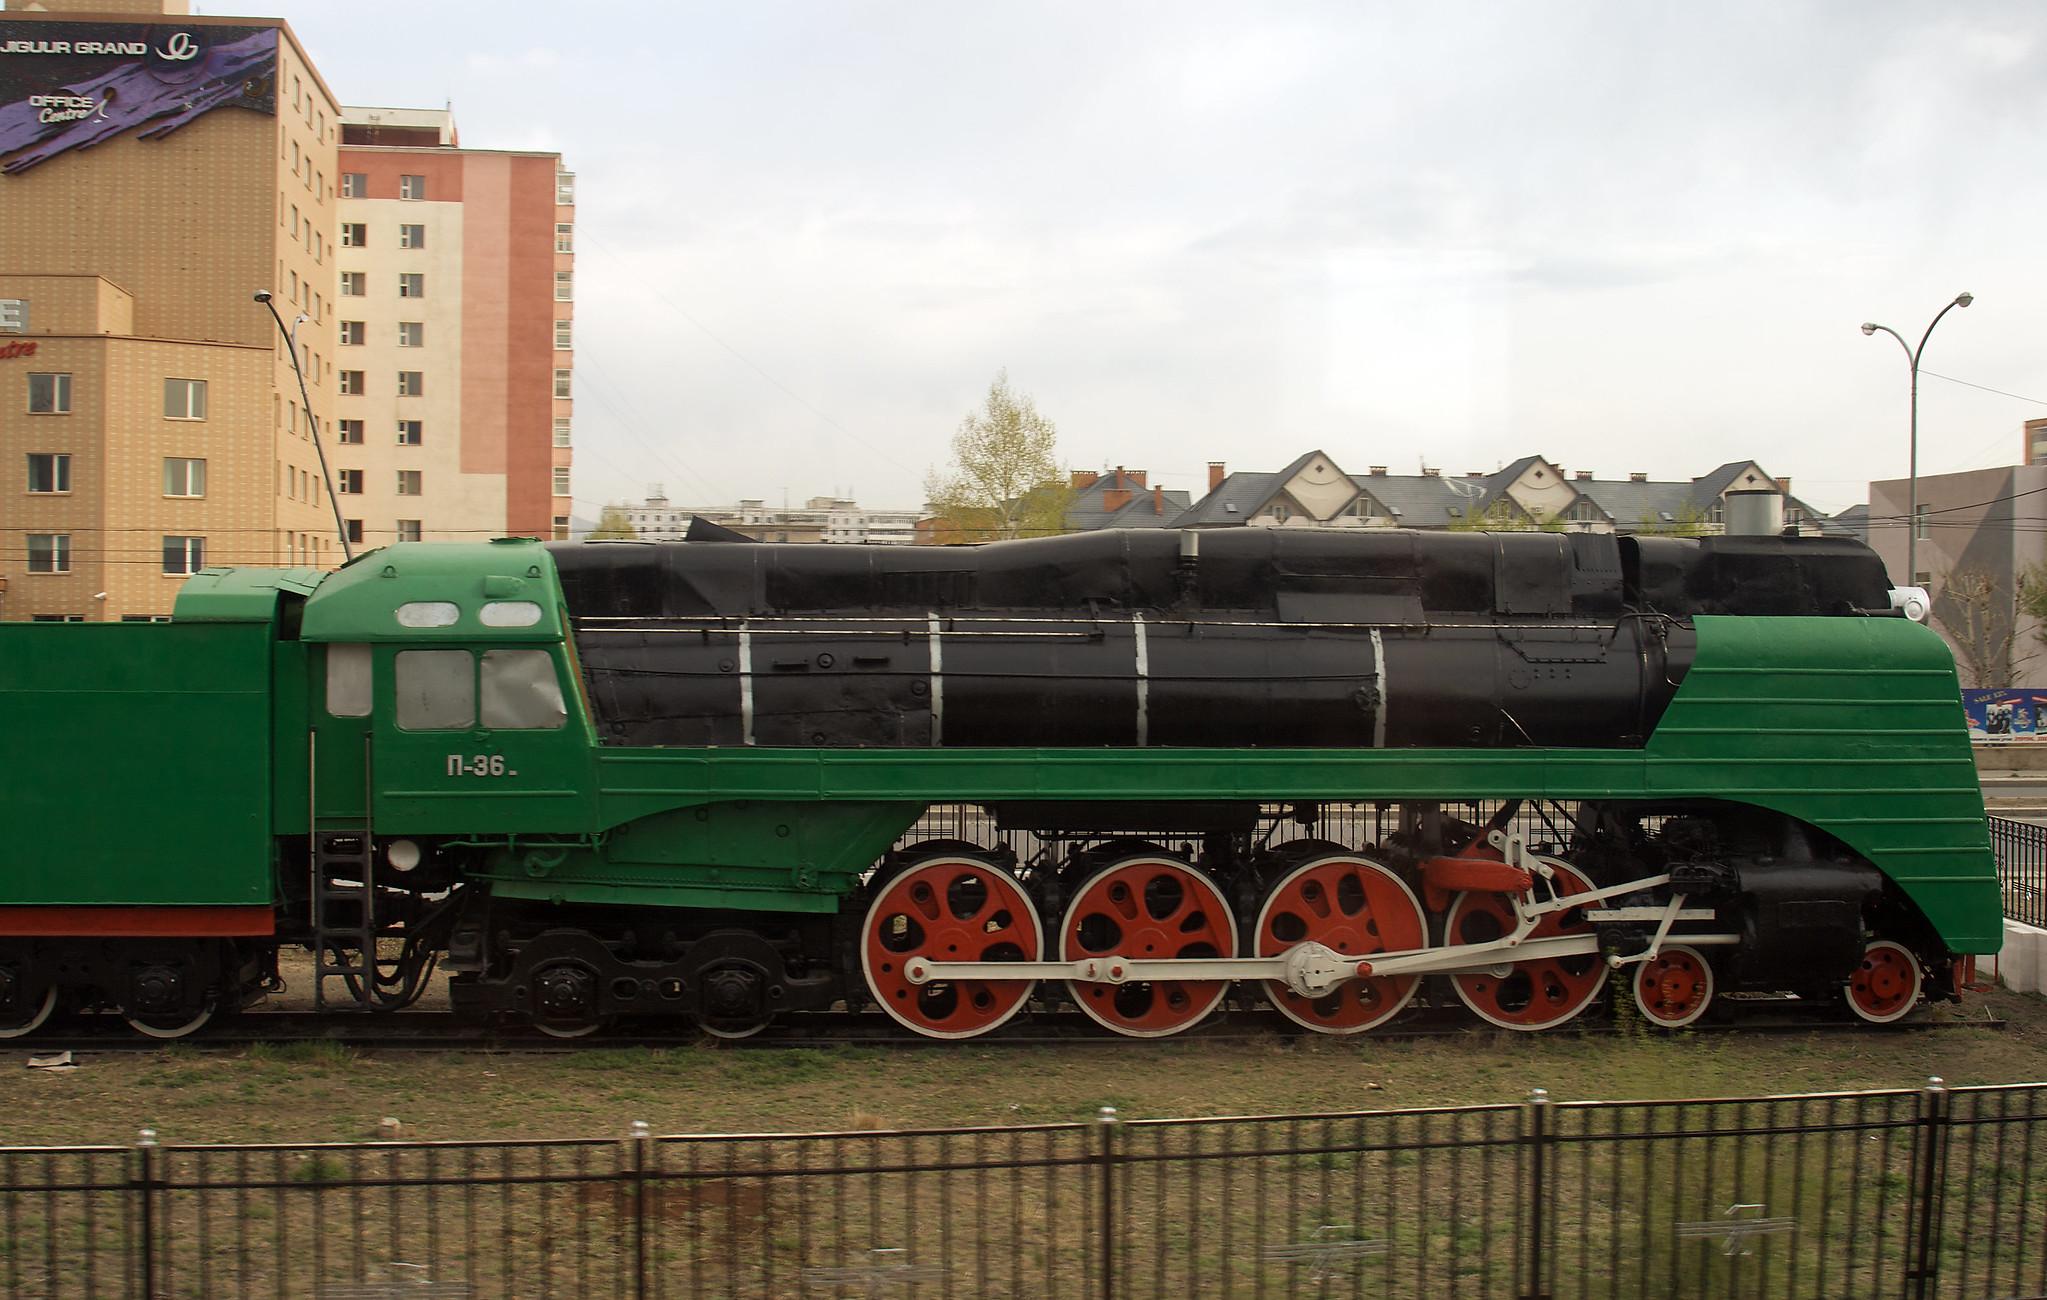 Museo de Historia del Ferrocarril de Mongolia en Ulán Bator